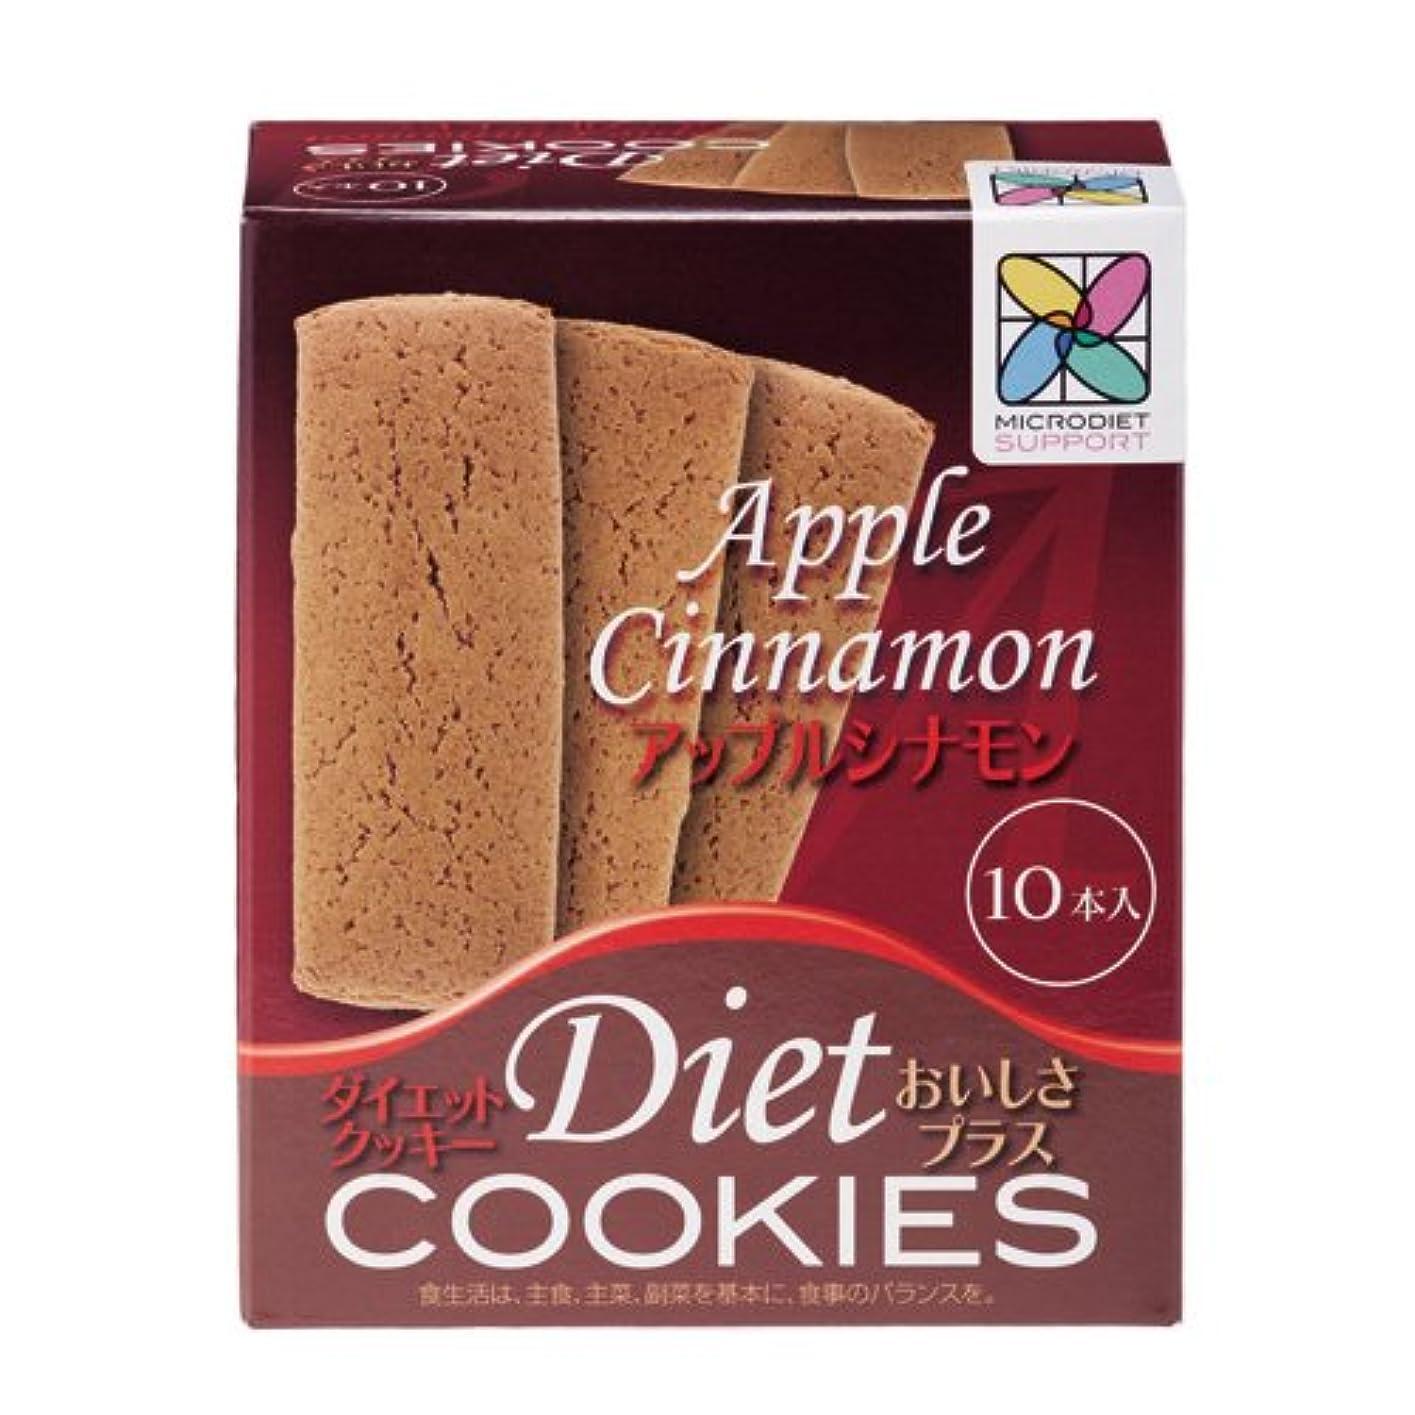 パン屋先解くダイエットクッキーおいしさプラス(アップルシナモン:1箱)(03754)